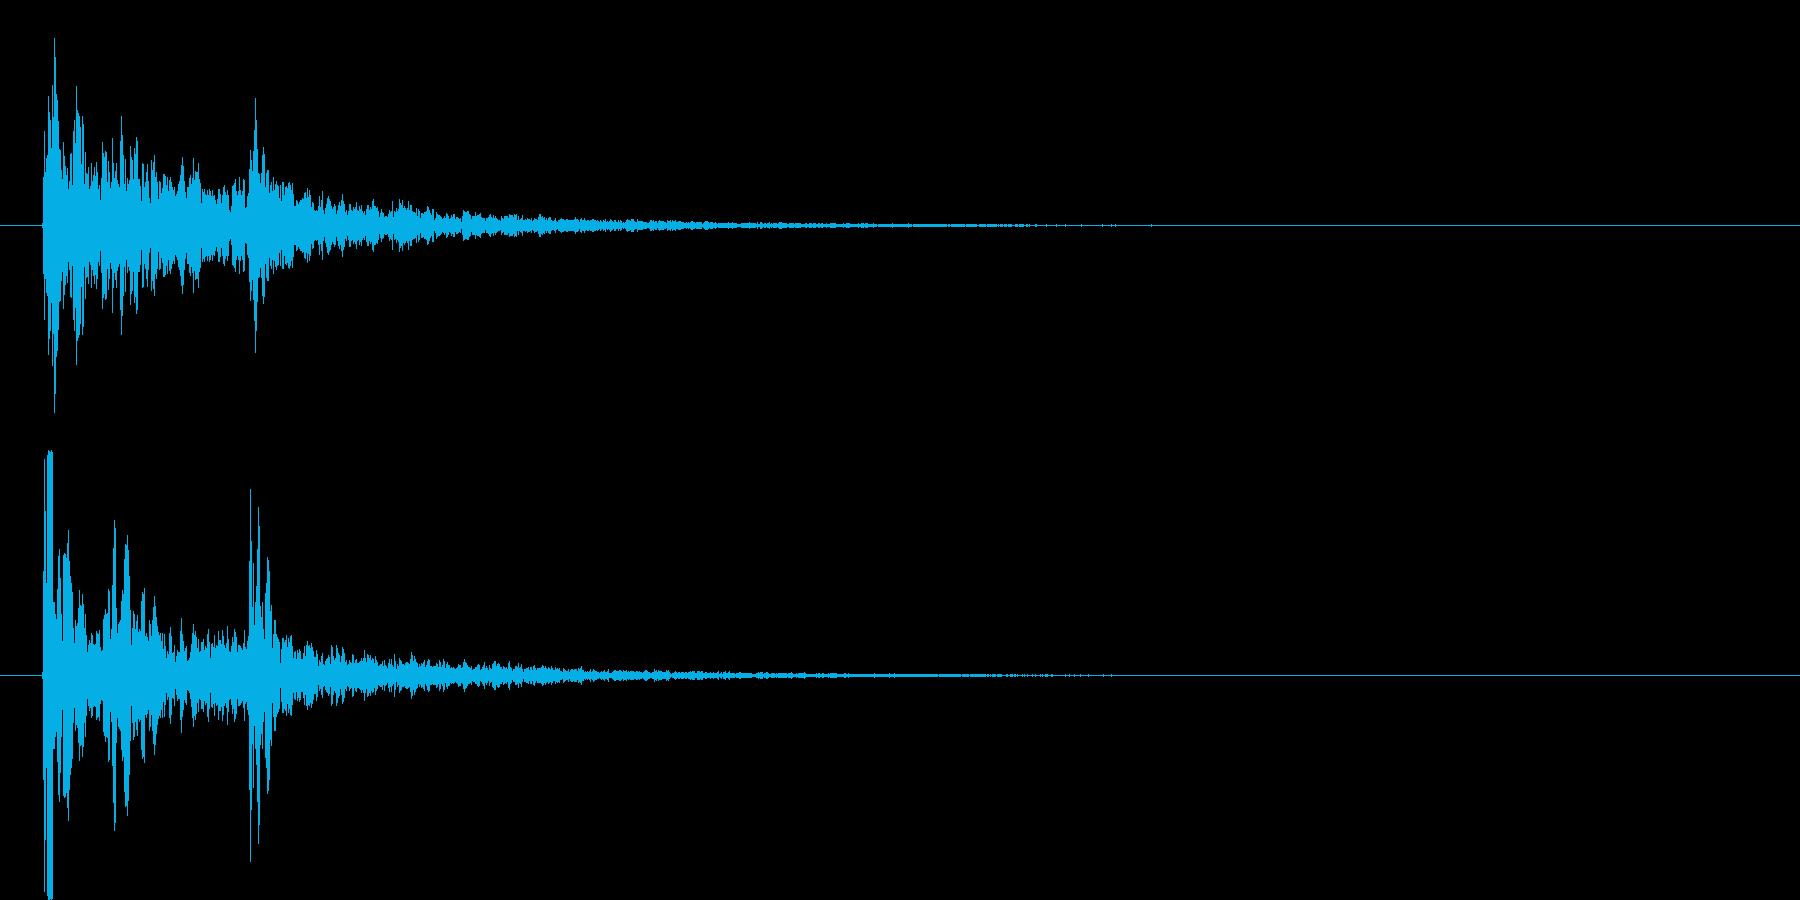 水を想起させる音で作られた短いテーマの再生済みの波形